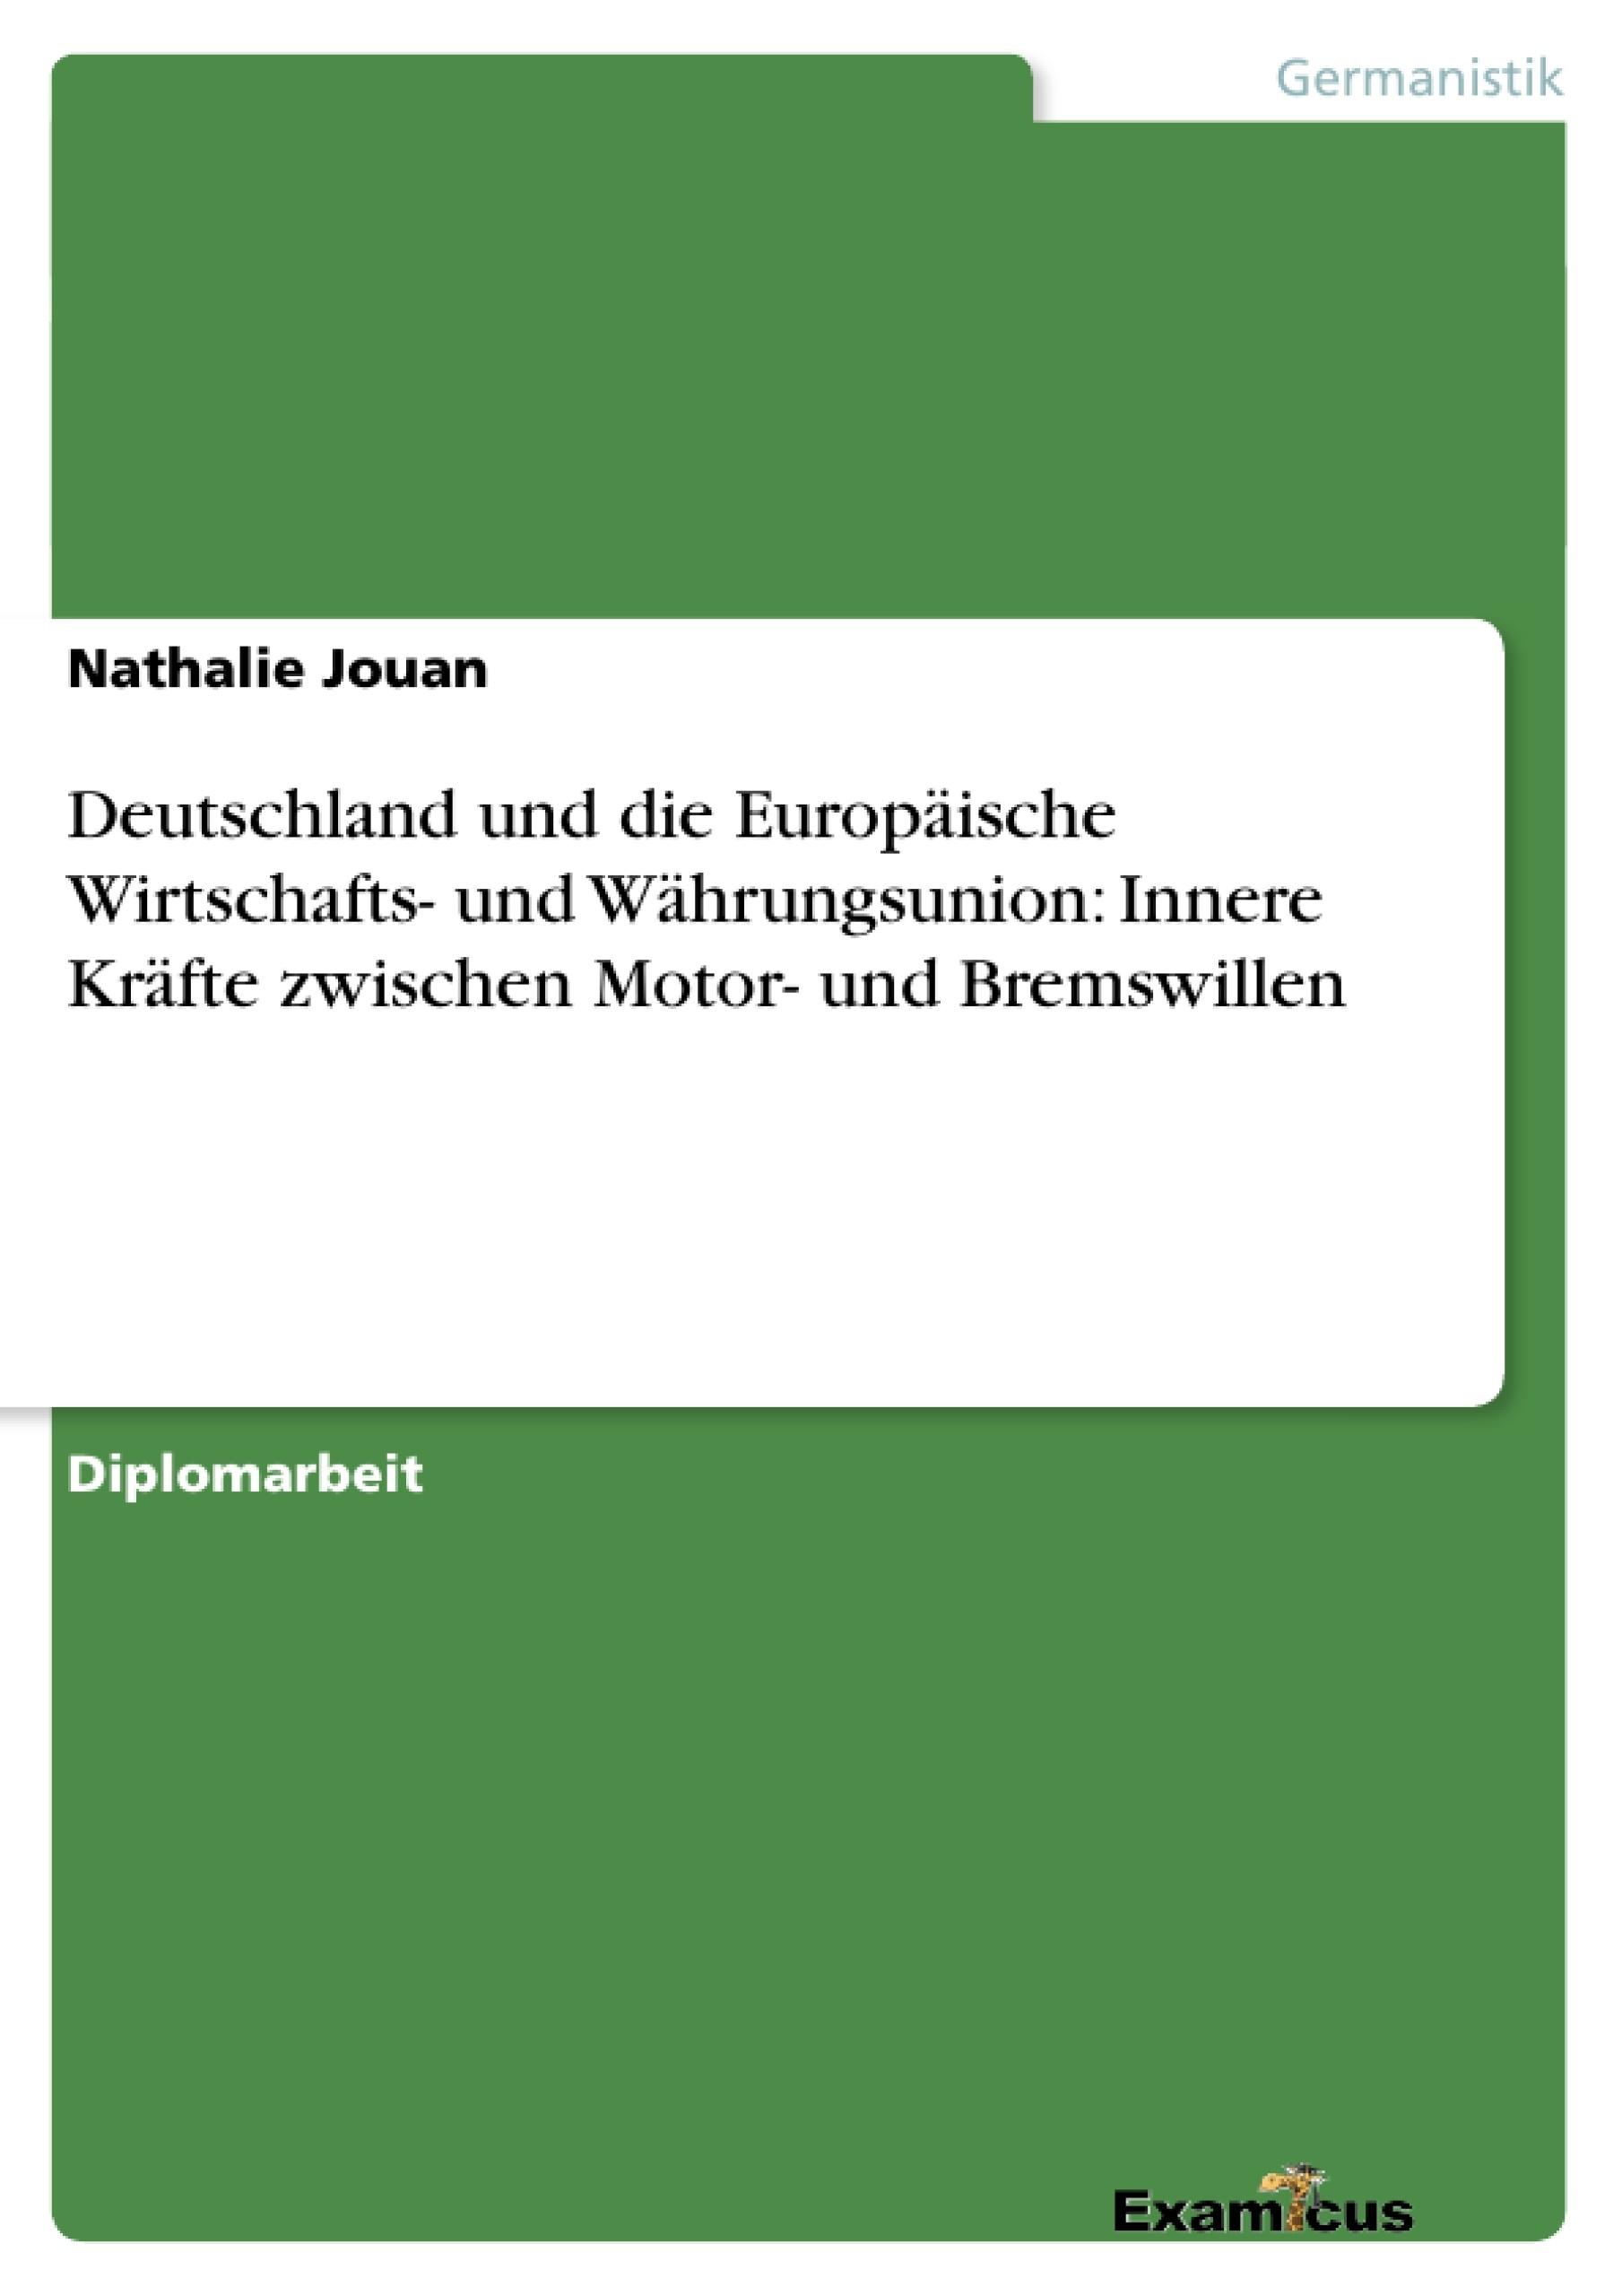 Titel: Deutschland und die Europäische Wirtschafts- und Währungsunion: Innere Kräfte zwischen Motor- und Bremswillen